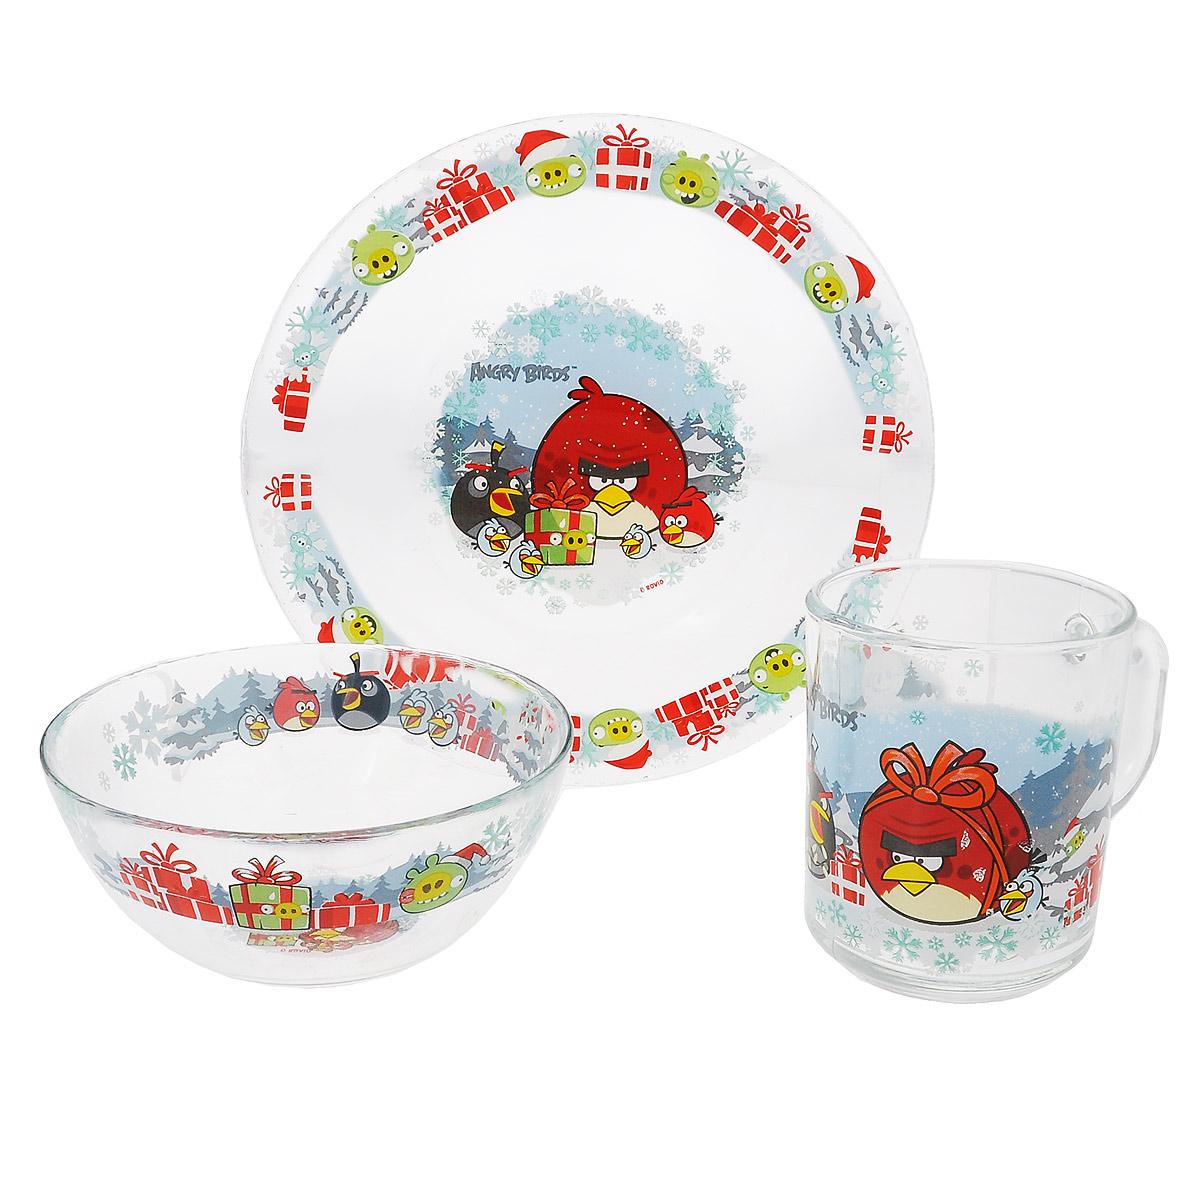 Набор детской посуды Angry Birds Зима, 3 предмета9559017Набор детской посуды Angry Birds Зима, выполненный из прозрачного стекла, состоит из кружки, тарелки и салатника. Изделия оформлены изображением любимых героев популярного мультфильма Angry Birds. Материалы изделий нетоксичны и безопасны для детского здоровья. Детская посуда удобна и увлекательна для вашего малыша. Привычная еда станет более вкусной и приятной, если процесс кормления сопровождать игрой и сказками о любимых героях. Красочная посуда является залогом хорошего настроения и аппетита ваших детей. Можно мыть в посудомоечной машине. Диаметр тарелки: 19,5 см. Диаметр салатника: 12,5 см. Высота салатника: 5,5 см. Объем кружки: 250 мл. Диаметр кружки (по верхнему краю): 7 см. Высота кружки: 9 см.